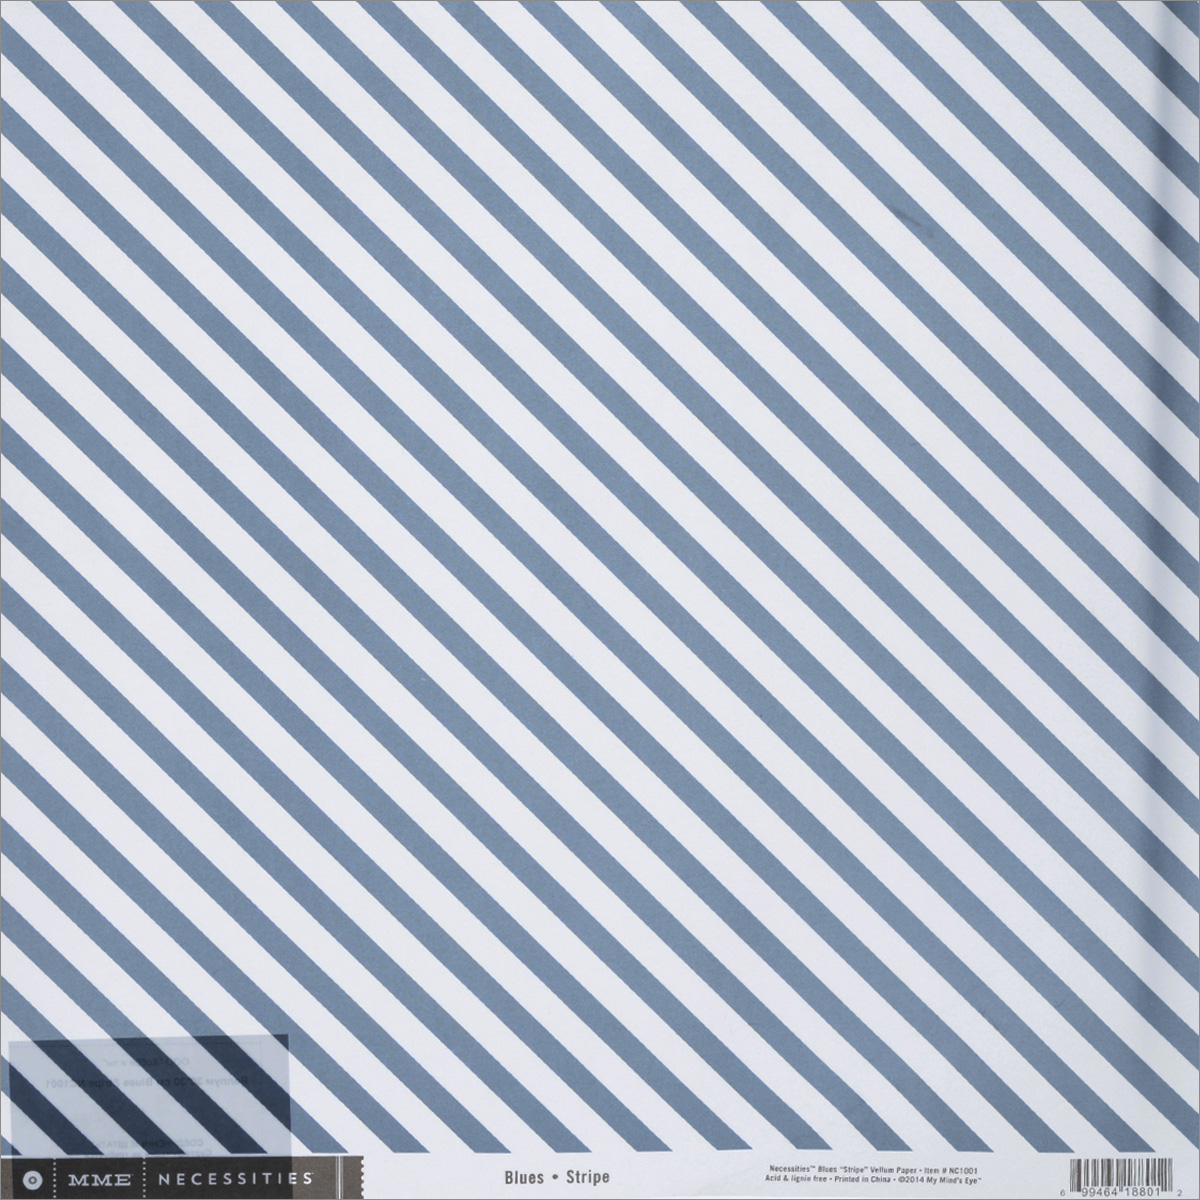 Веллум My Minds Eye Blues Stripe, цвет: синий, 30,5 см х 30,5 смNC1001Веллум My Minds Eye Blues Stripe прекрасно подойдет для оформления творческих работ в технике скрапбукинга. Веллум - это вид бумаги, который переводится как калька, хотя он гораздо плотнее и более однороден по фактуре. Его можно использовать для украшения фотоальбомов, скрап-страничек, подарков, конвертов, фоторамок, открыток и многого другого. Веллум оформлен синими полосами. Скрапбукинг - это хобби, которое способно приносить массу приятных эмоций не только человеку, который этим занимается, но и его близким, друзьям, родным. Это невероятно увлекательное занятие, которое поможет вам сохранить наиболее памятные и яркие моменты вашей жизни, а также интересно оформить интерьер дома. Размер листа: 30,5 см х 30,5 см. Плотность: 80 г/м2.